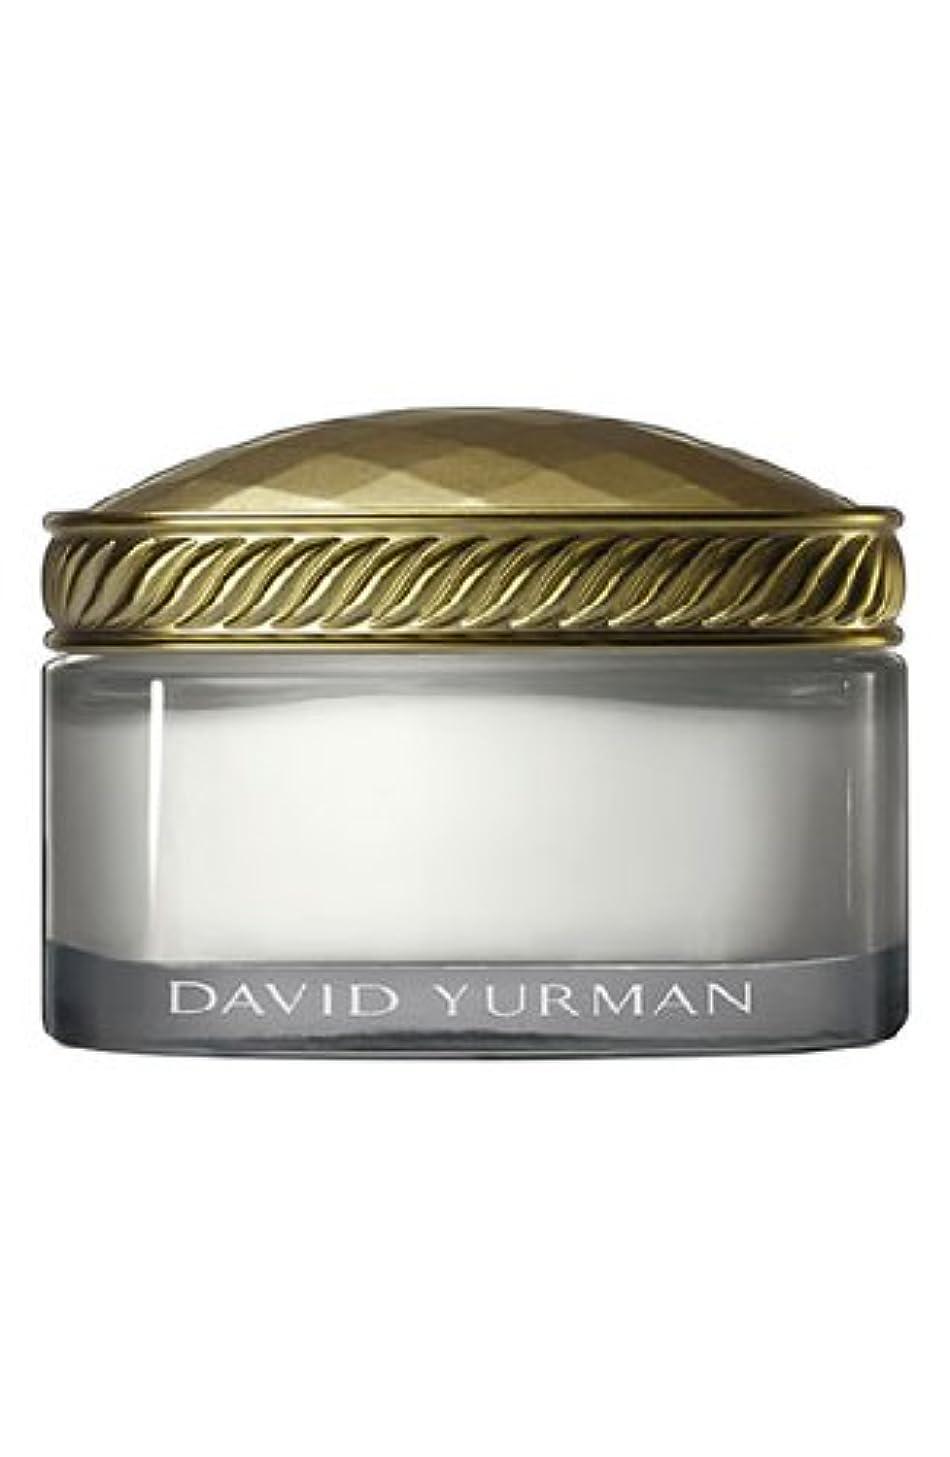 職業所持シリンダーDavid Yurman (デイビッド ヤーマン) 6.7 oz (100ml) Luxurious Body Cream (箱なし) for Women